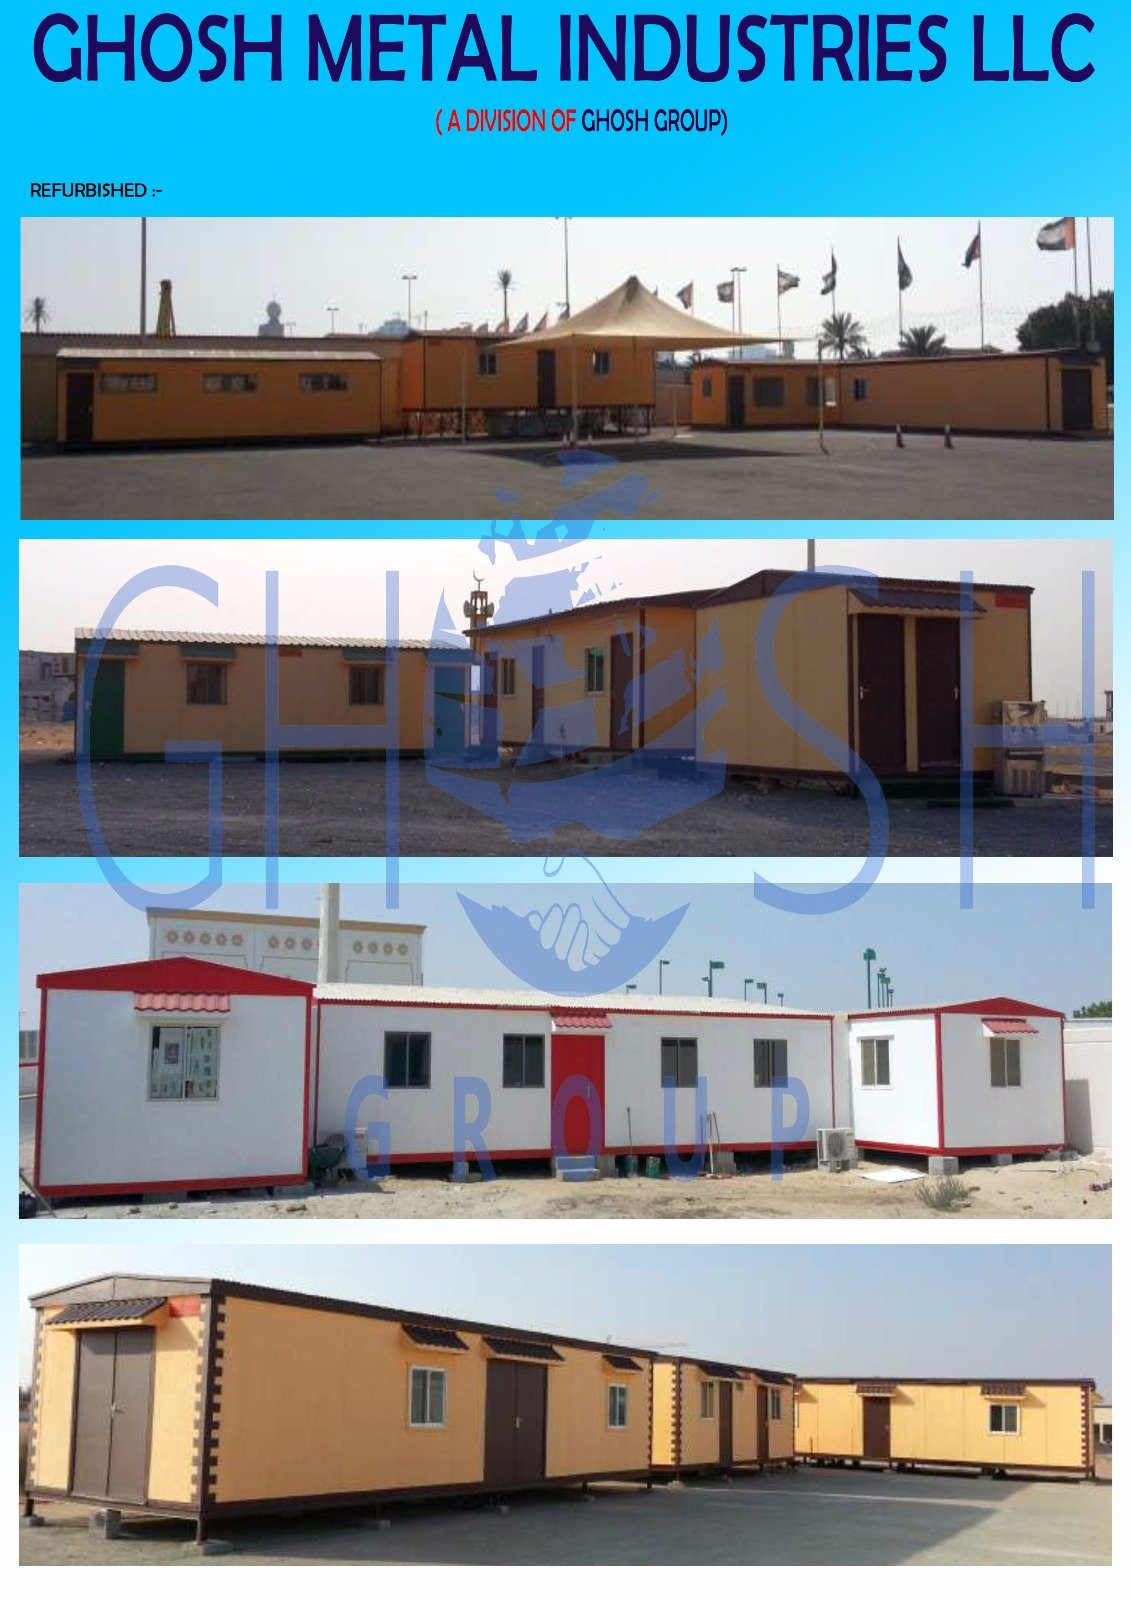 Portacabin manufacturer supplier Dubai | UAE | Oman | Saudi | Qatar